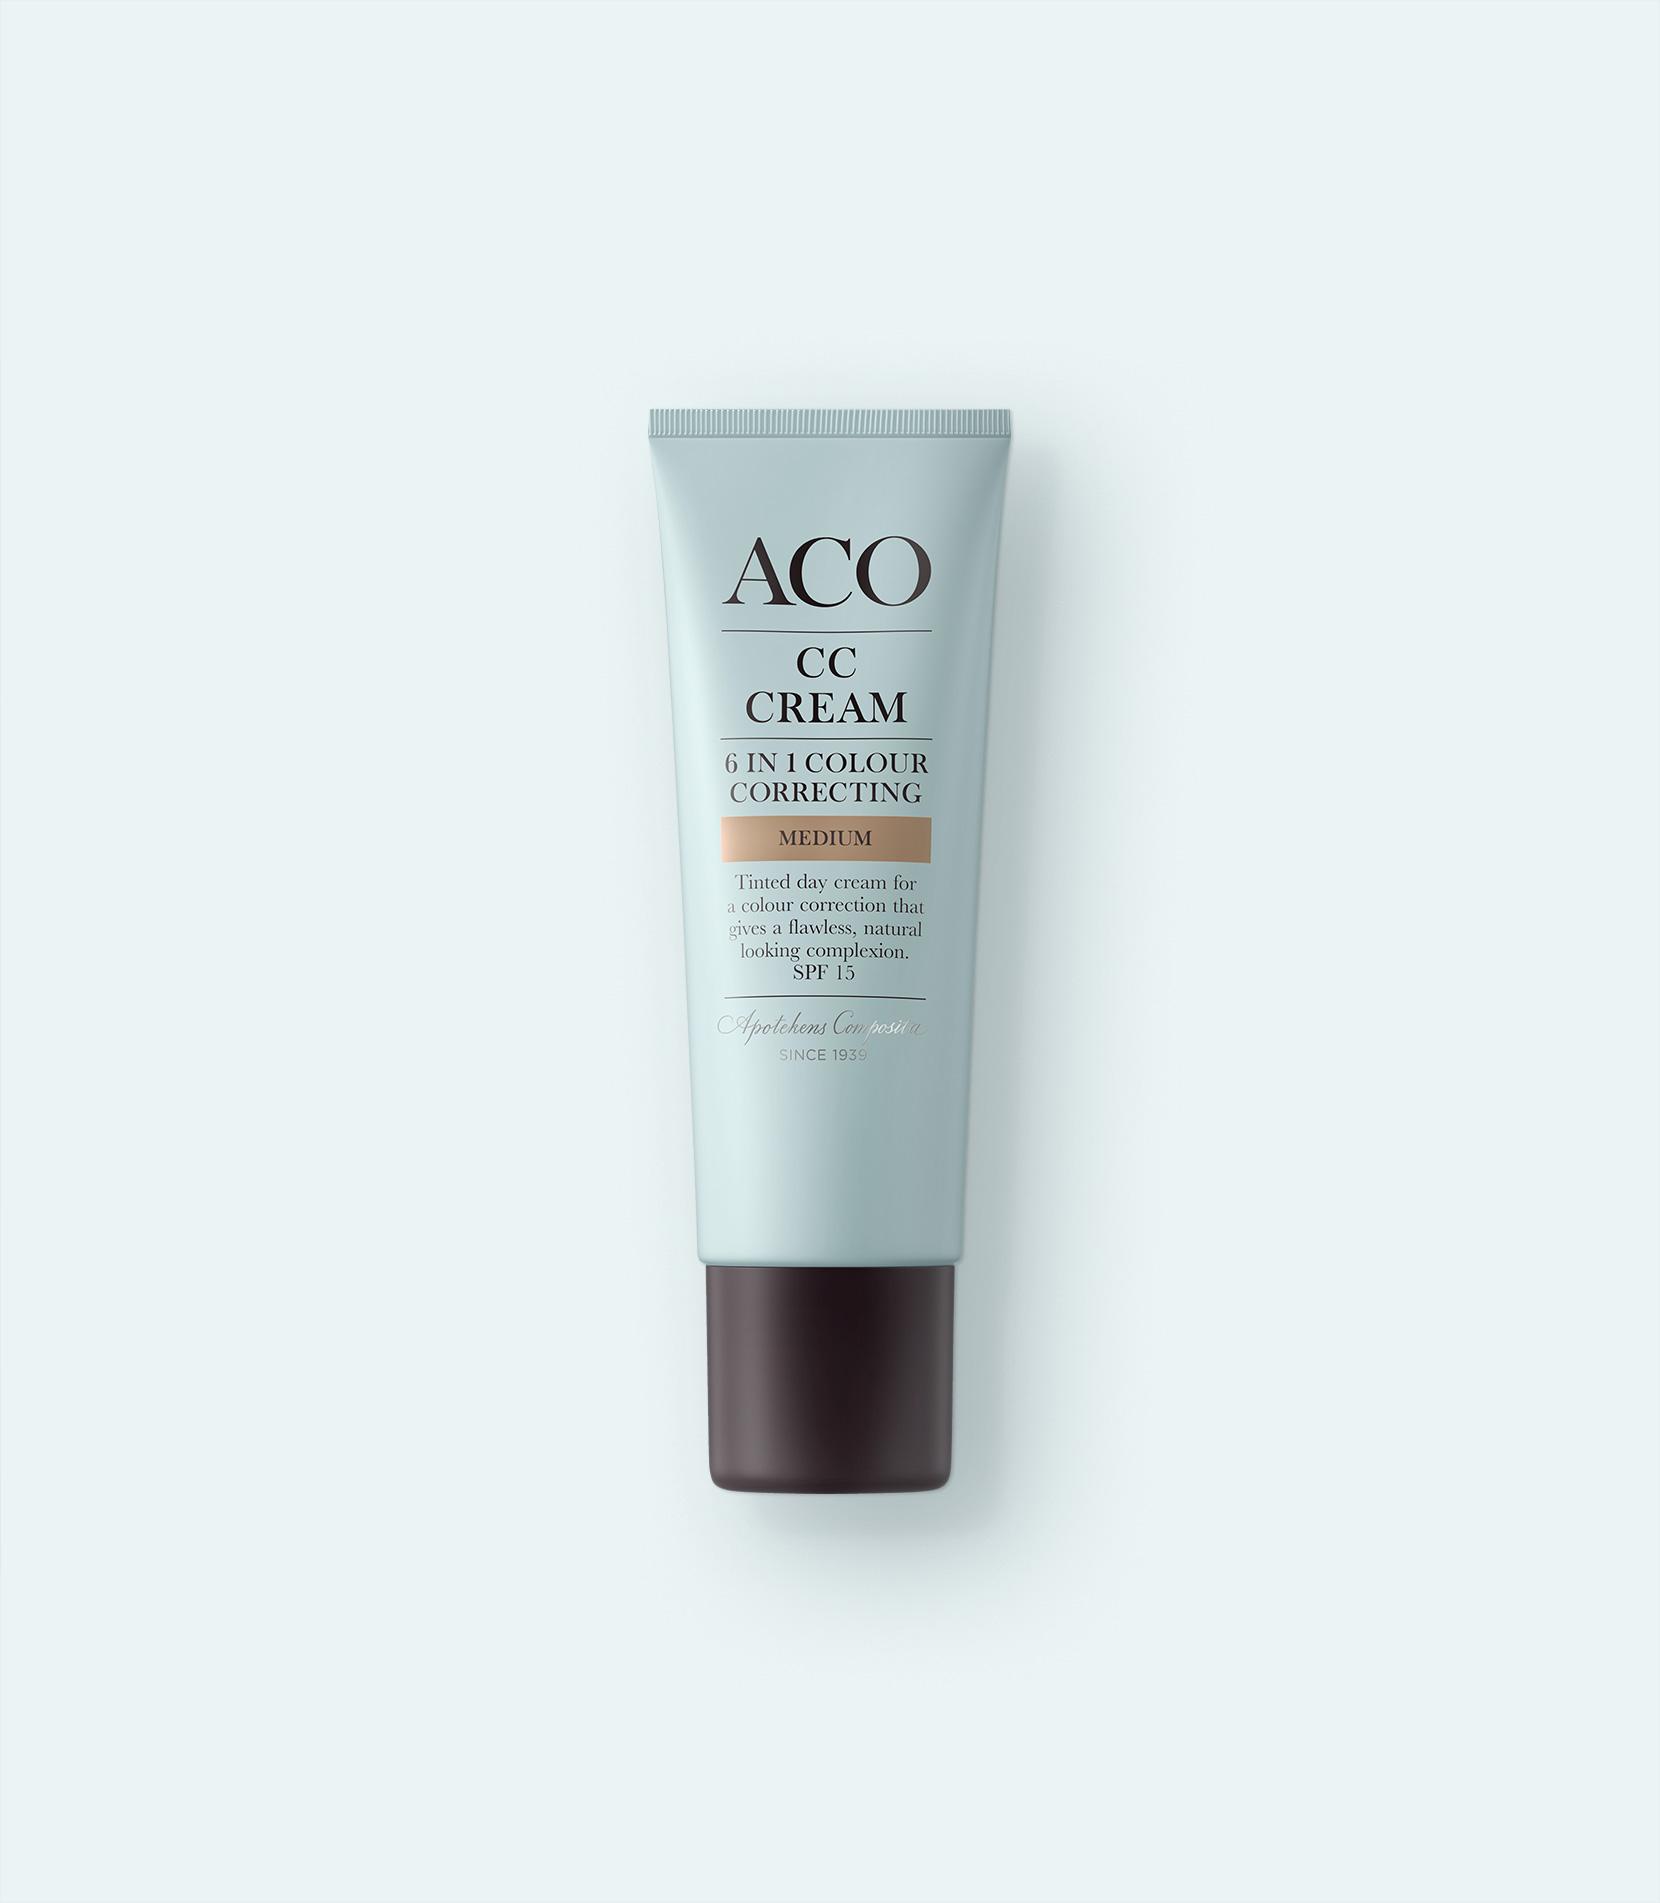 aco cc cream medium